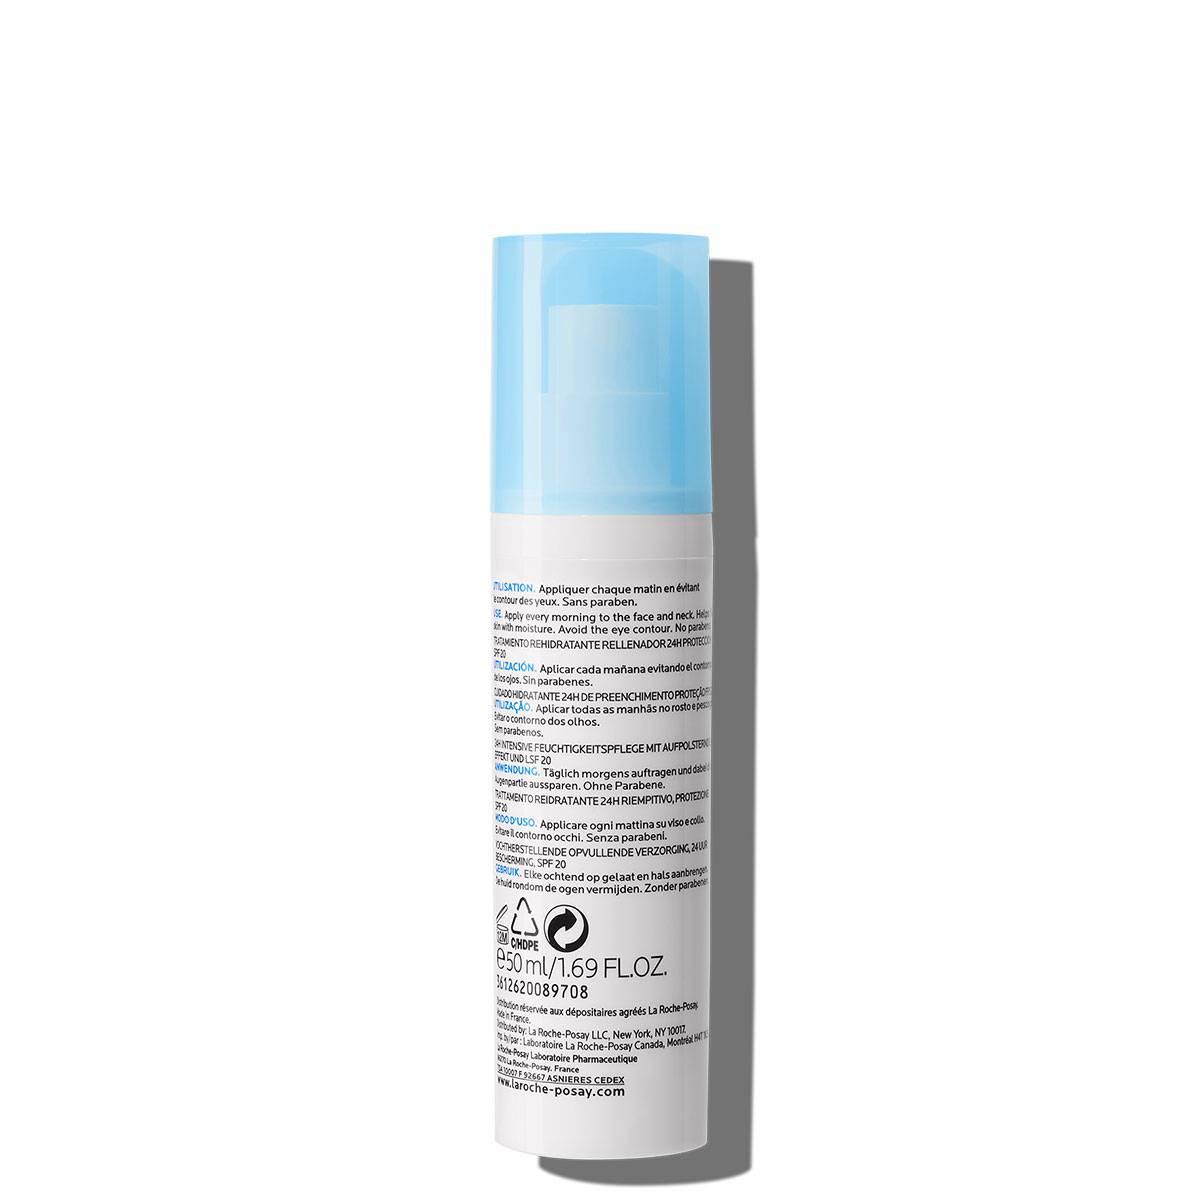 La Roche Posay Produktsida Hydraphase UV Intense Rich Spf20 50ml 33378